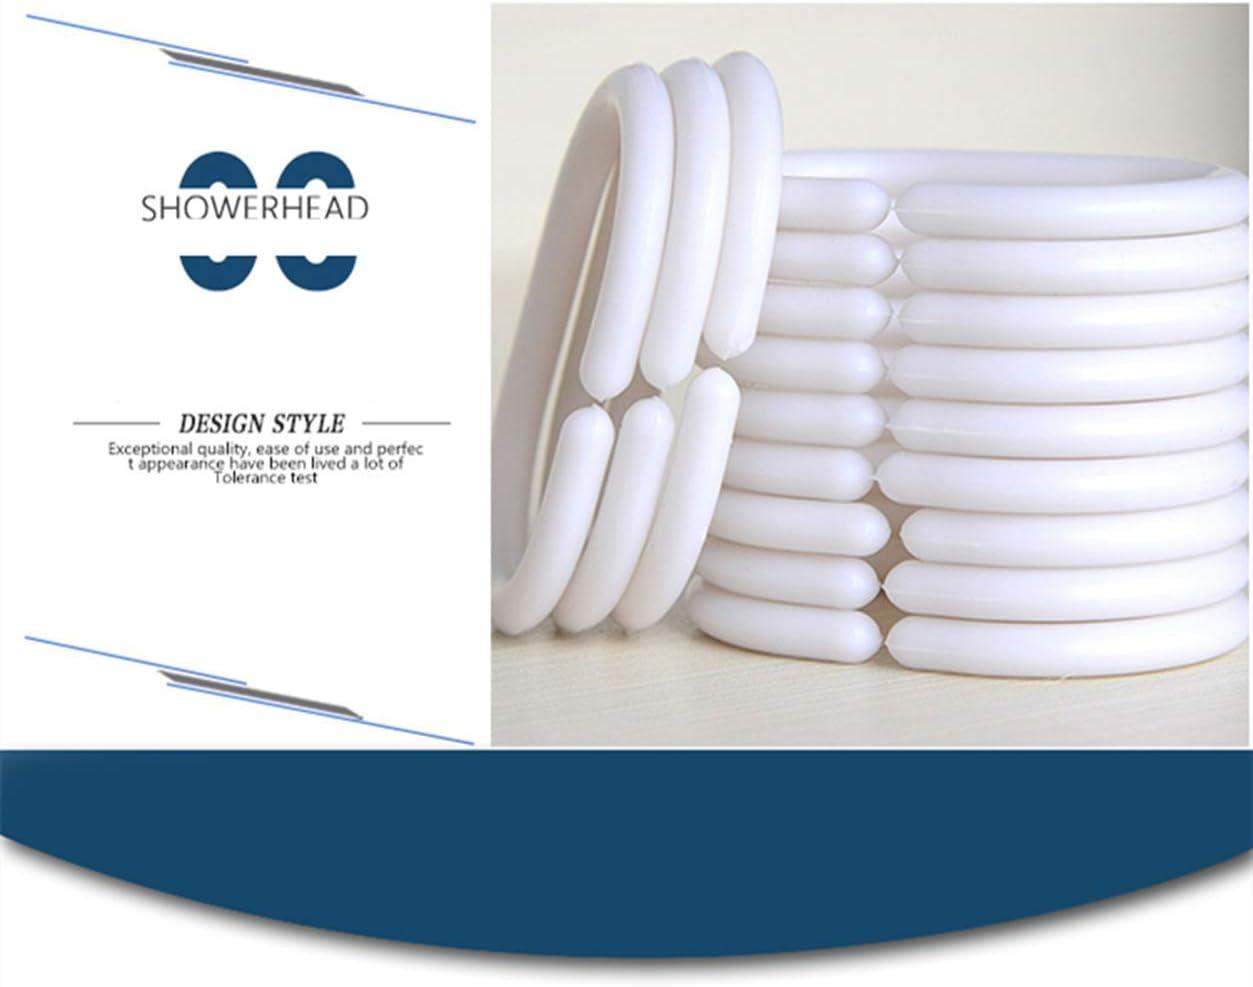 con 12 Anelli per Tenda Lavabile 240 x 200 cm Tenda da Doccia Impermeabile 240 x 200 cm in Tessuto Spesso antimuffa Muster-a X-Labor BxH 240x200cm